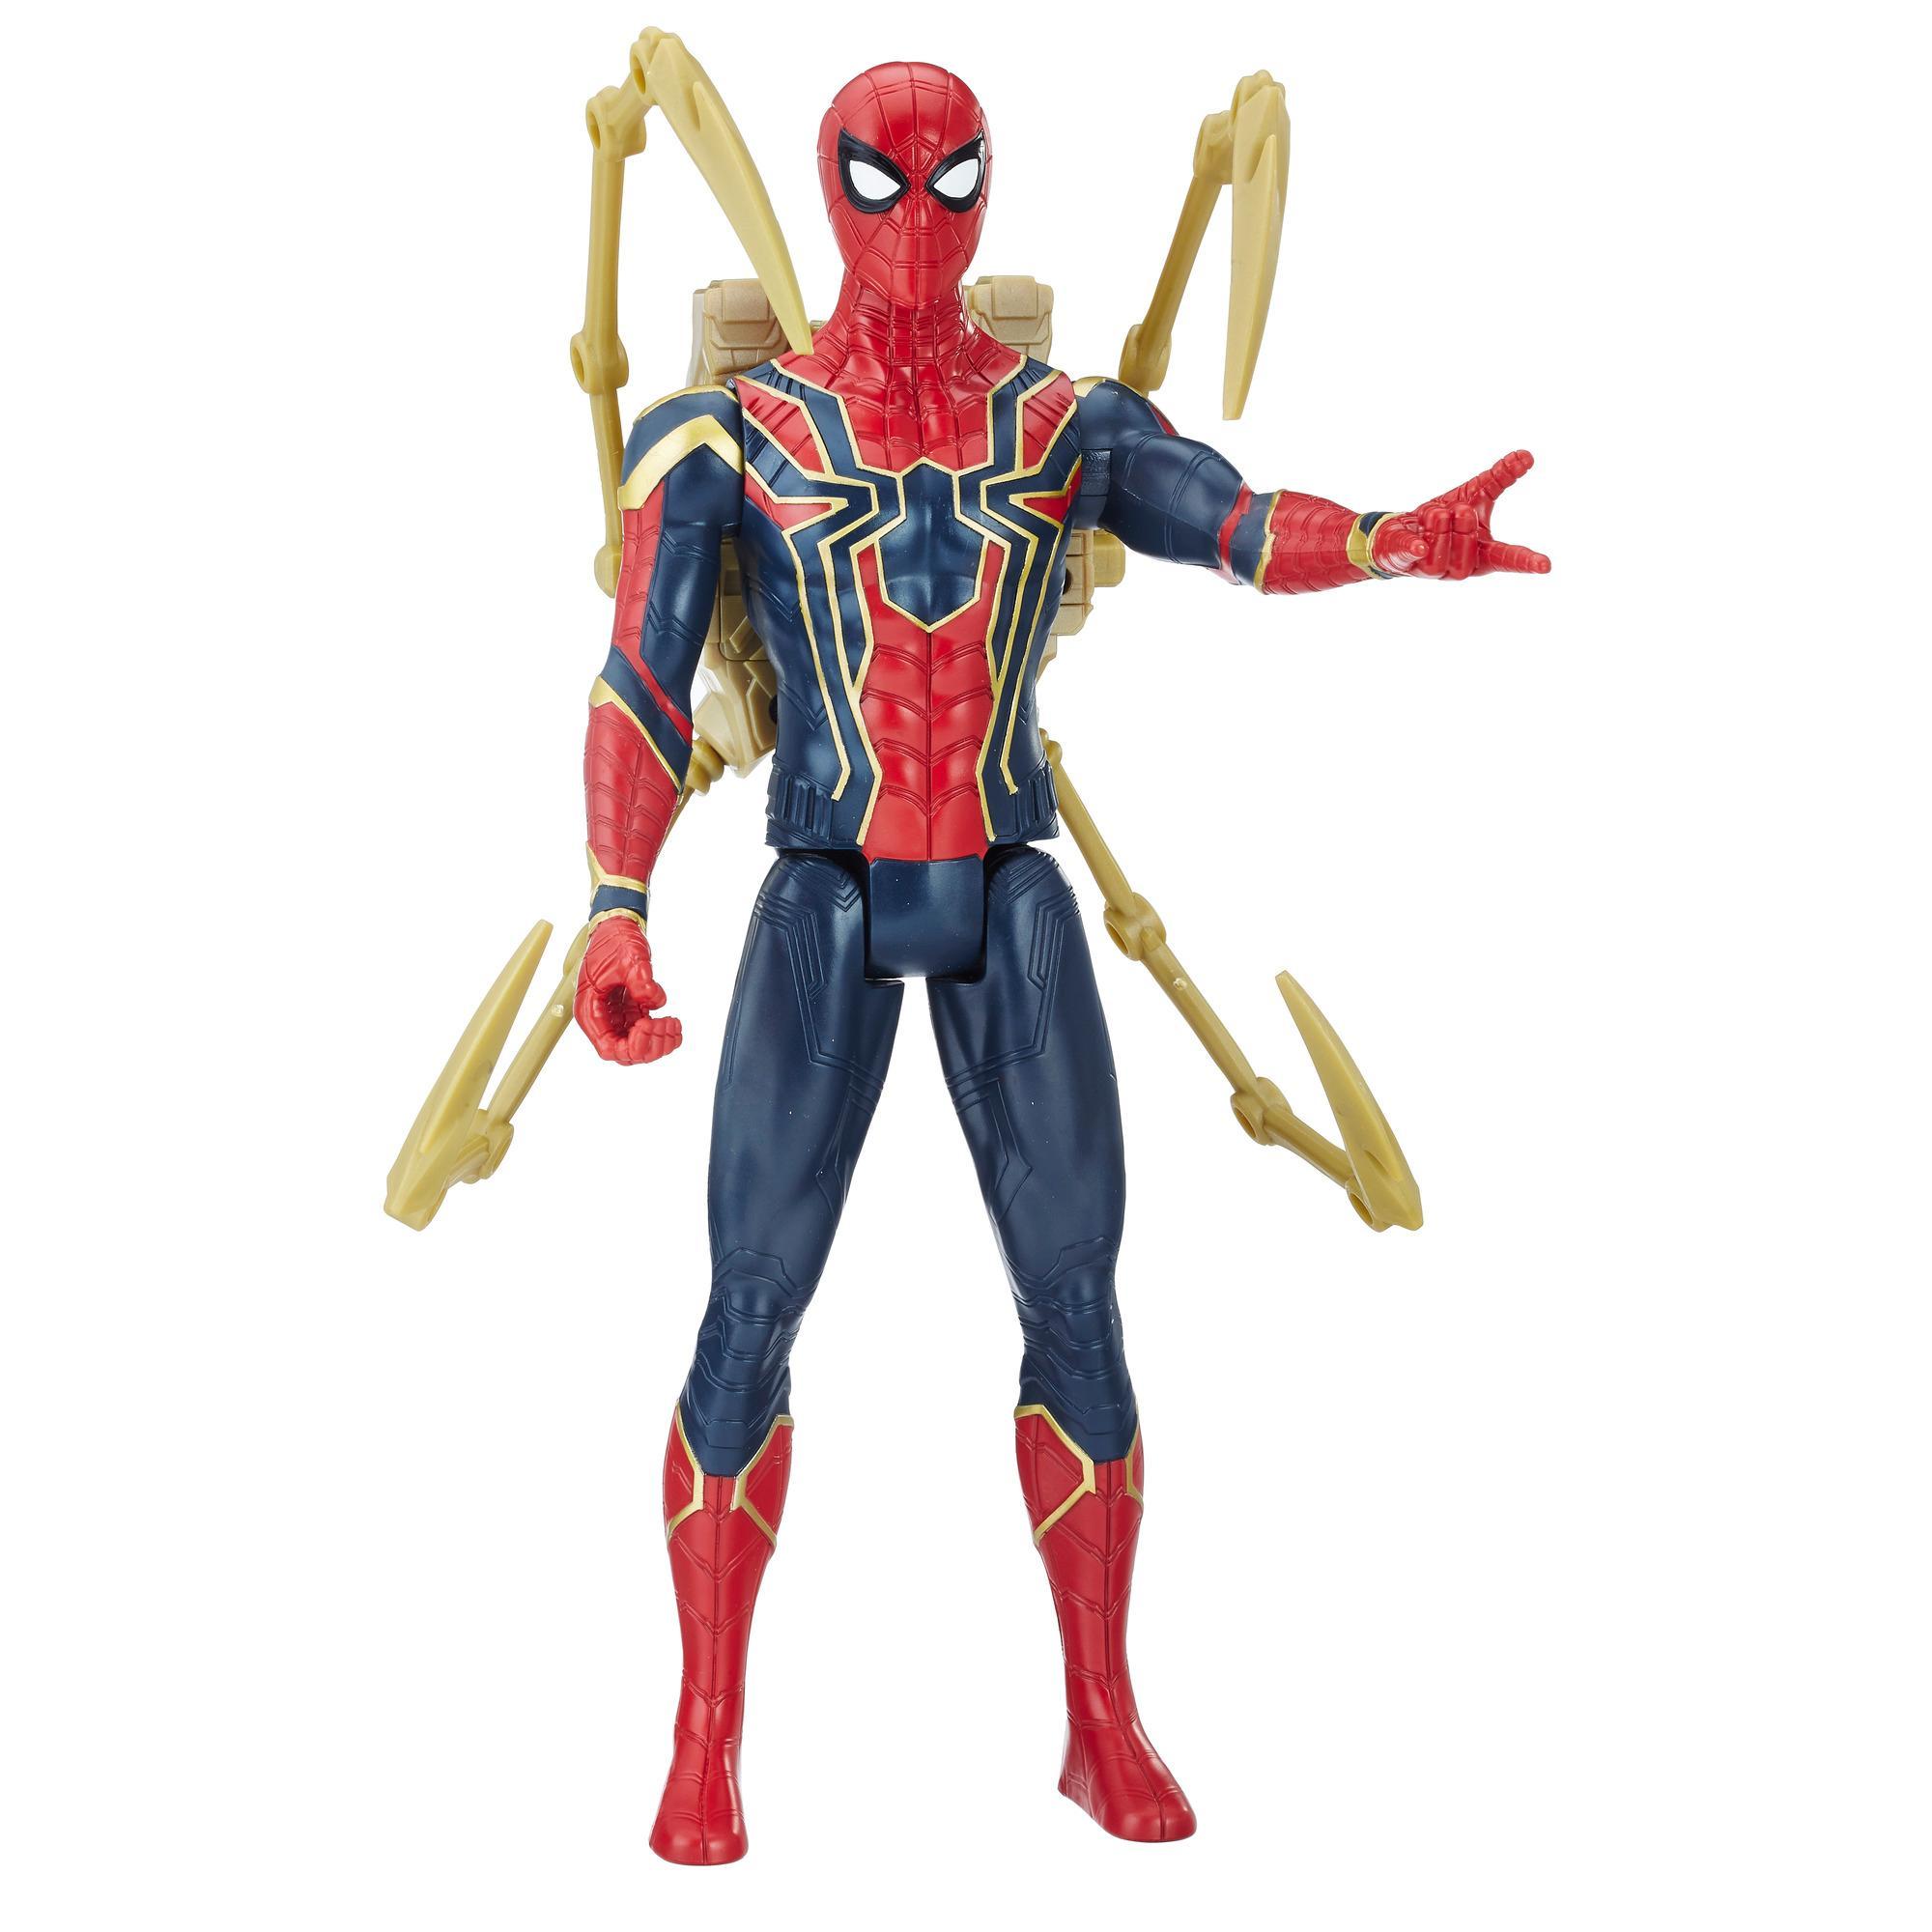 Avengers Titan Hero Power FX Spider-Man mit Power FX Pack